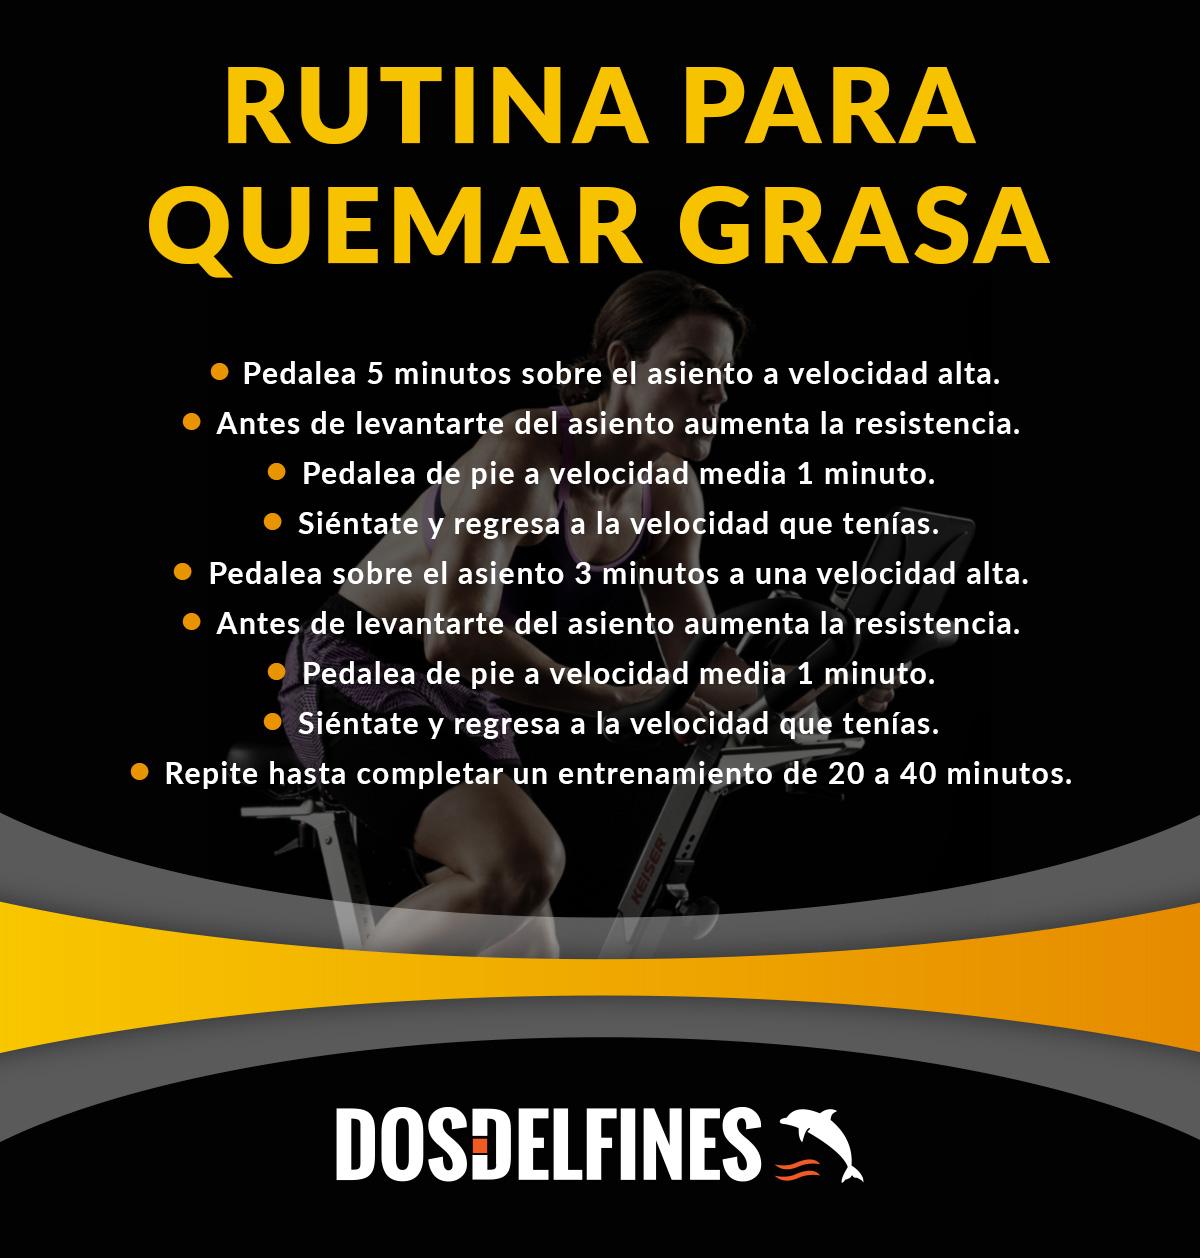 rutina quemagrasas - dosdelfines.es